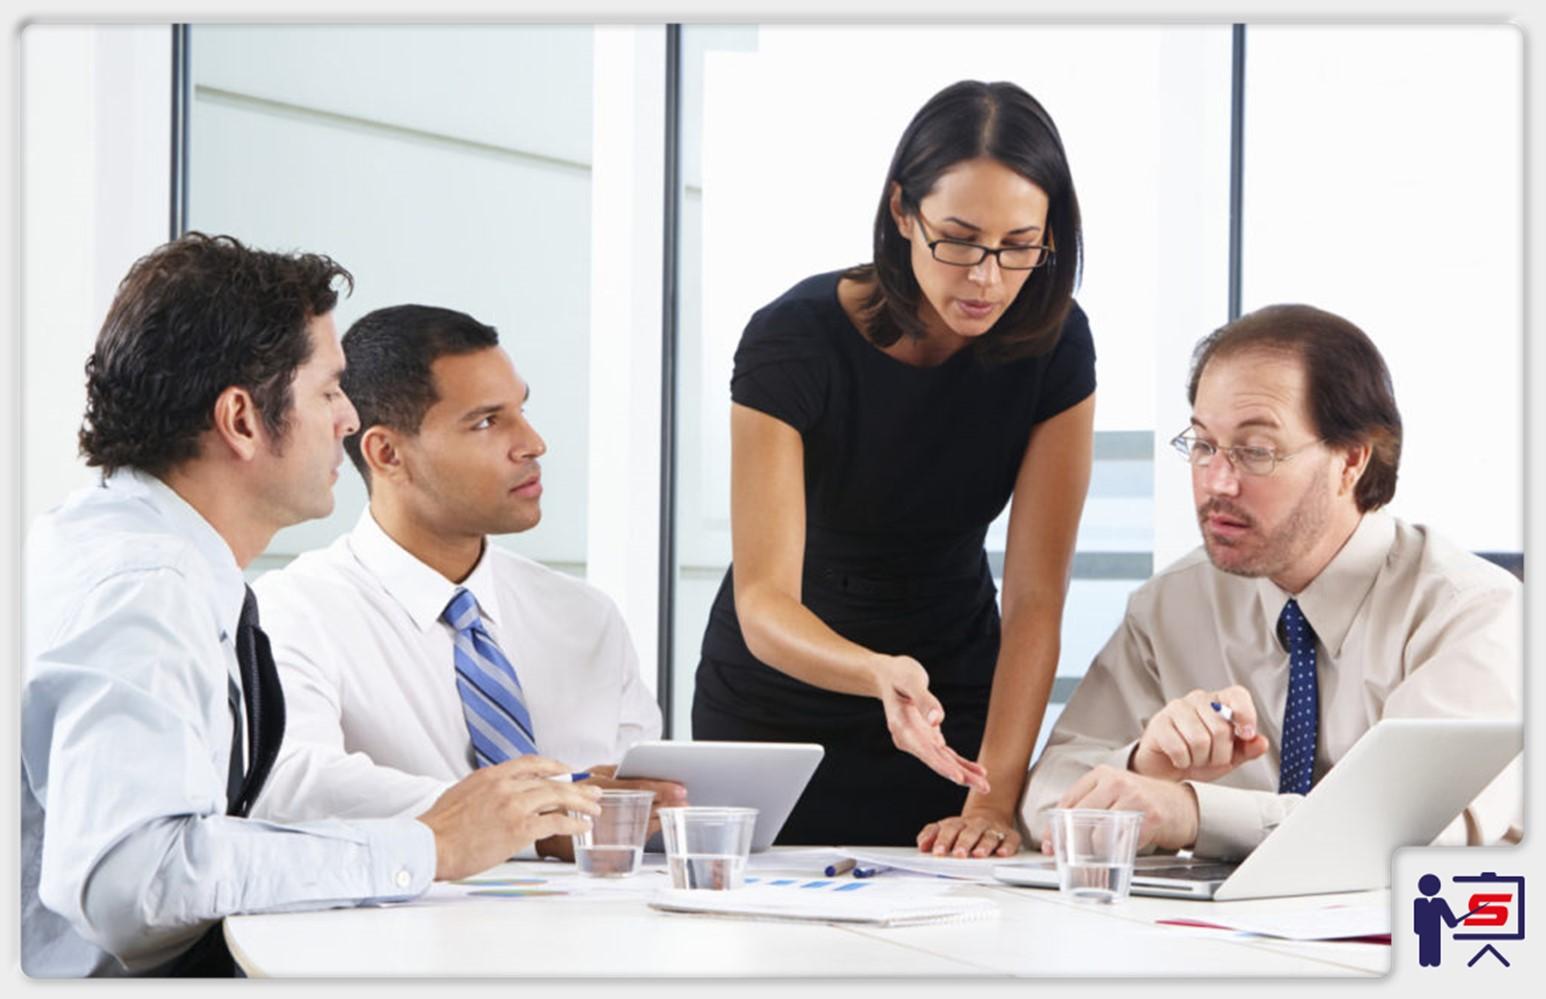 Líder Mentor – Novo cenário para Liderança